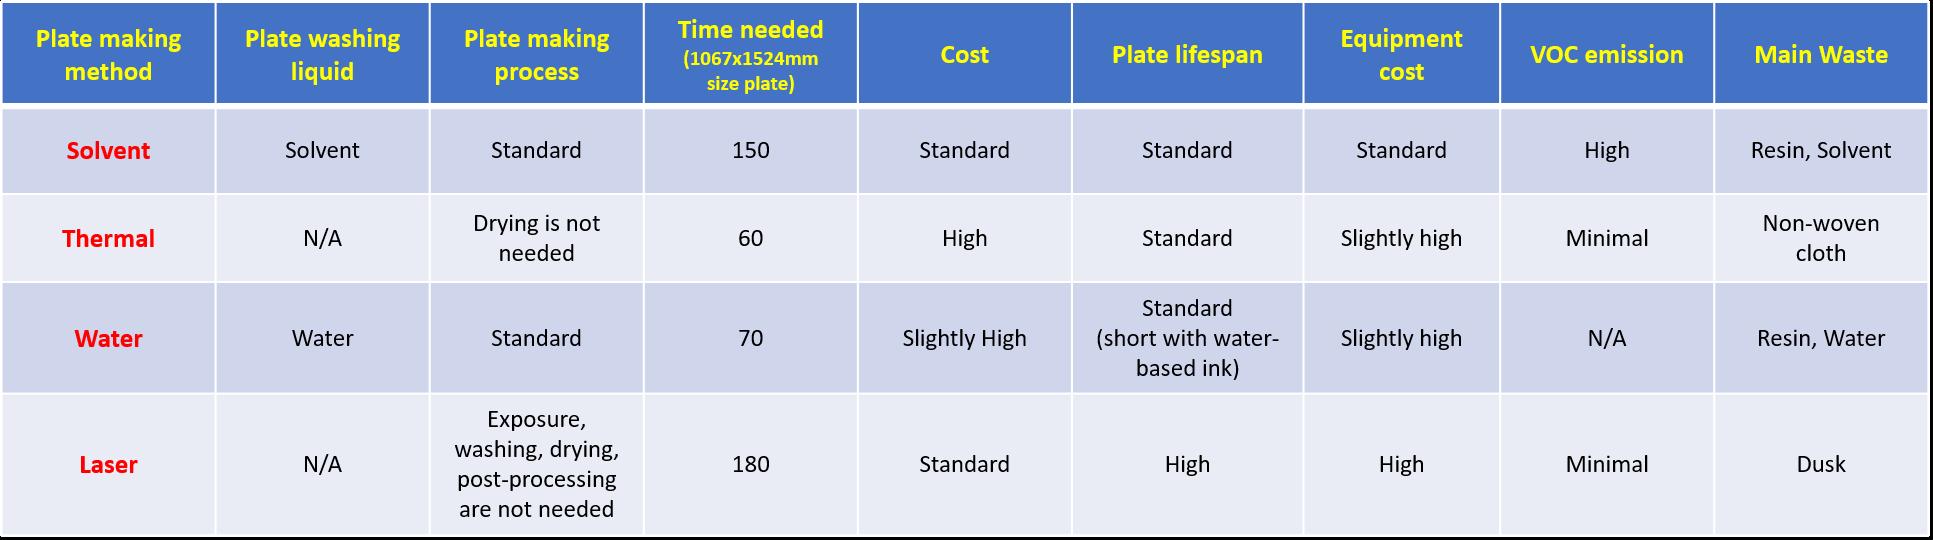 proimages/blog/flexographic_plate_making_comparison_chart.png